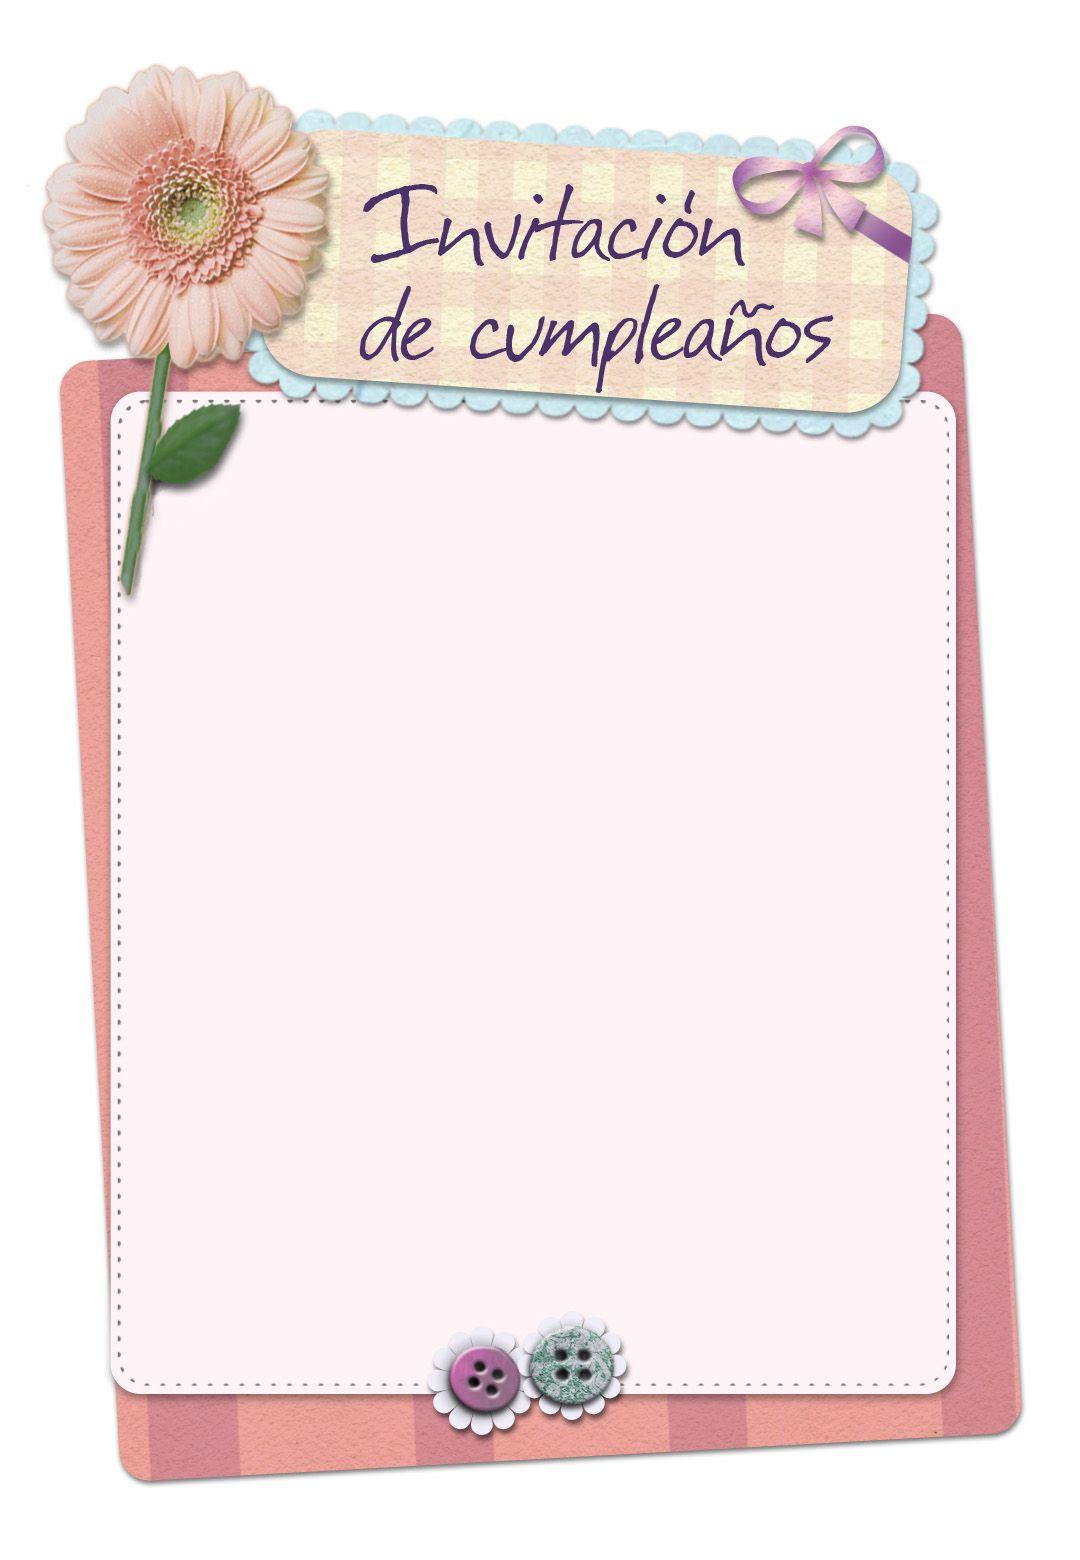 Invitación Gratis De Cumpleaños Para Imprimir Invitación